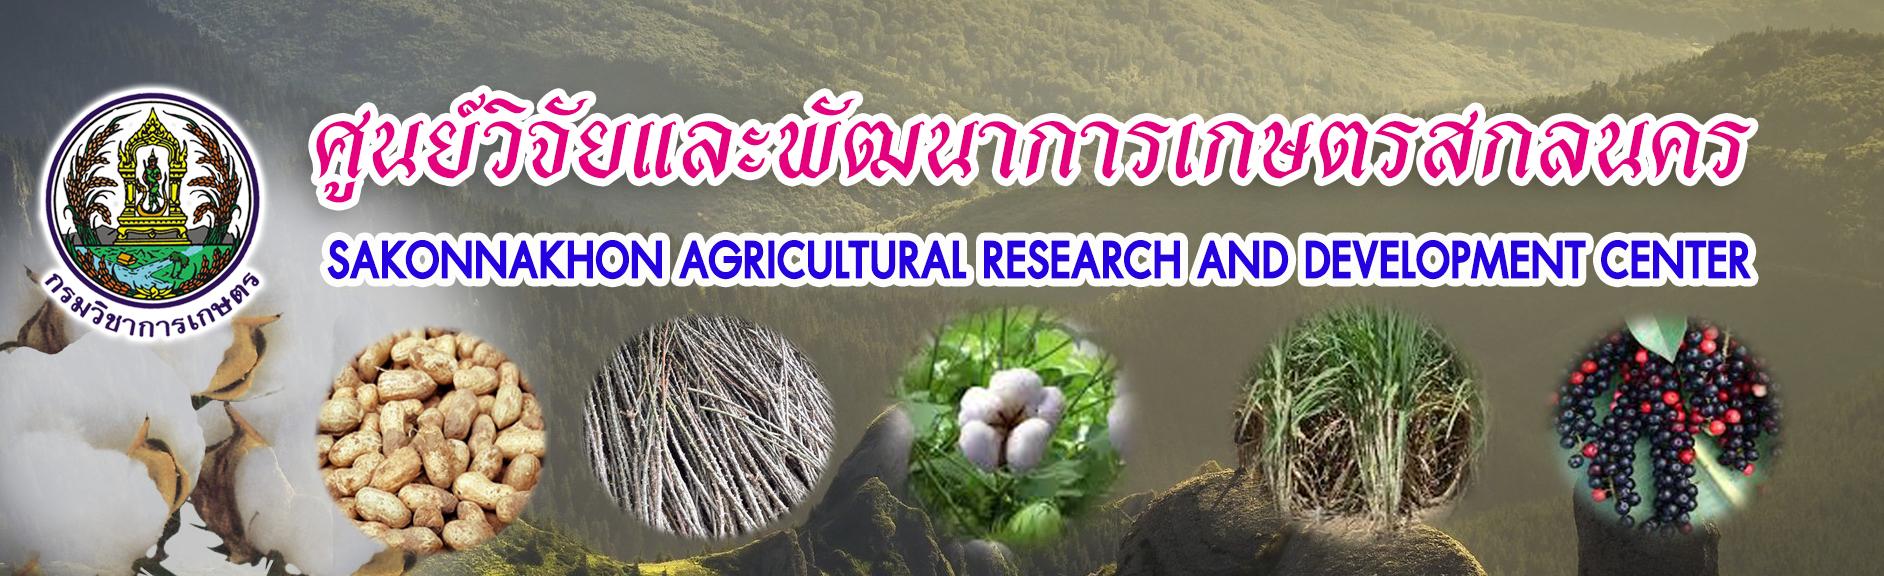 ศูนย์วิจัยและพัฒนาการเกษตรสกลนคร